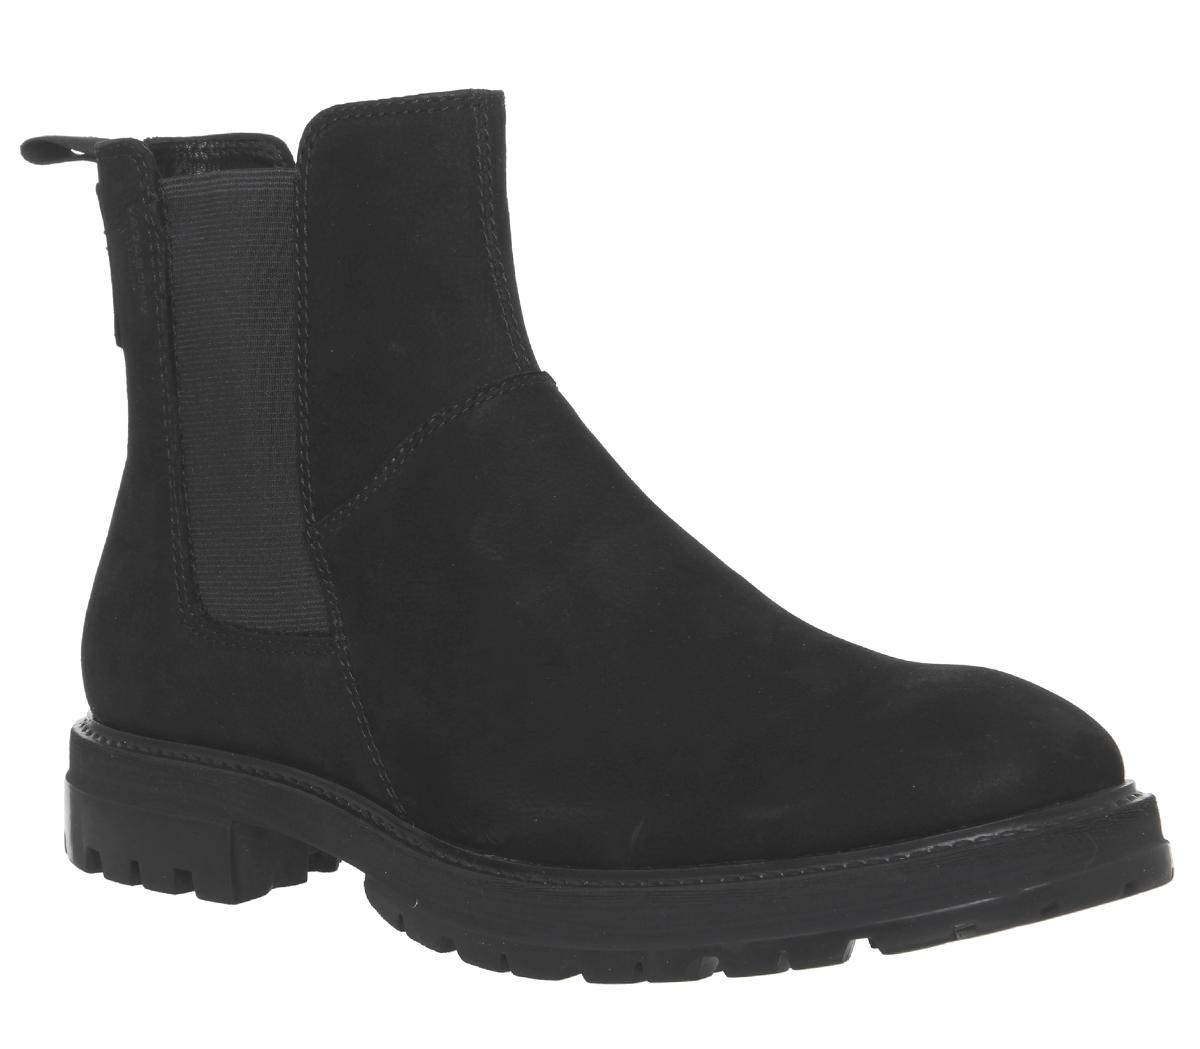 bekannte Marke beste Auswahl von 2019 am besten kaufen Details about Herren Vagabond Johnny Chelsea Stiefel Schwarz Stiefel